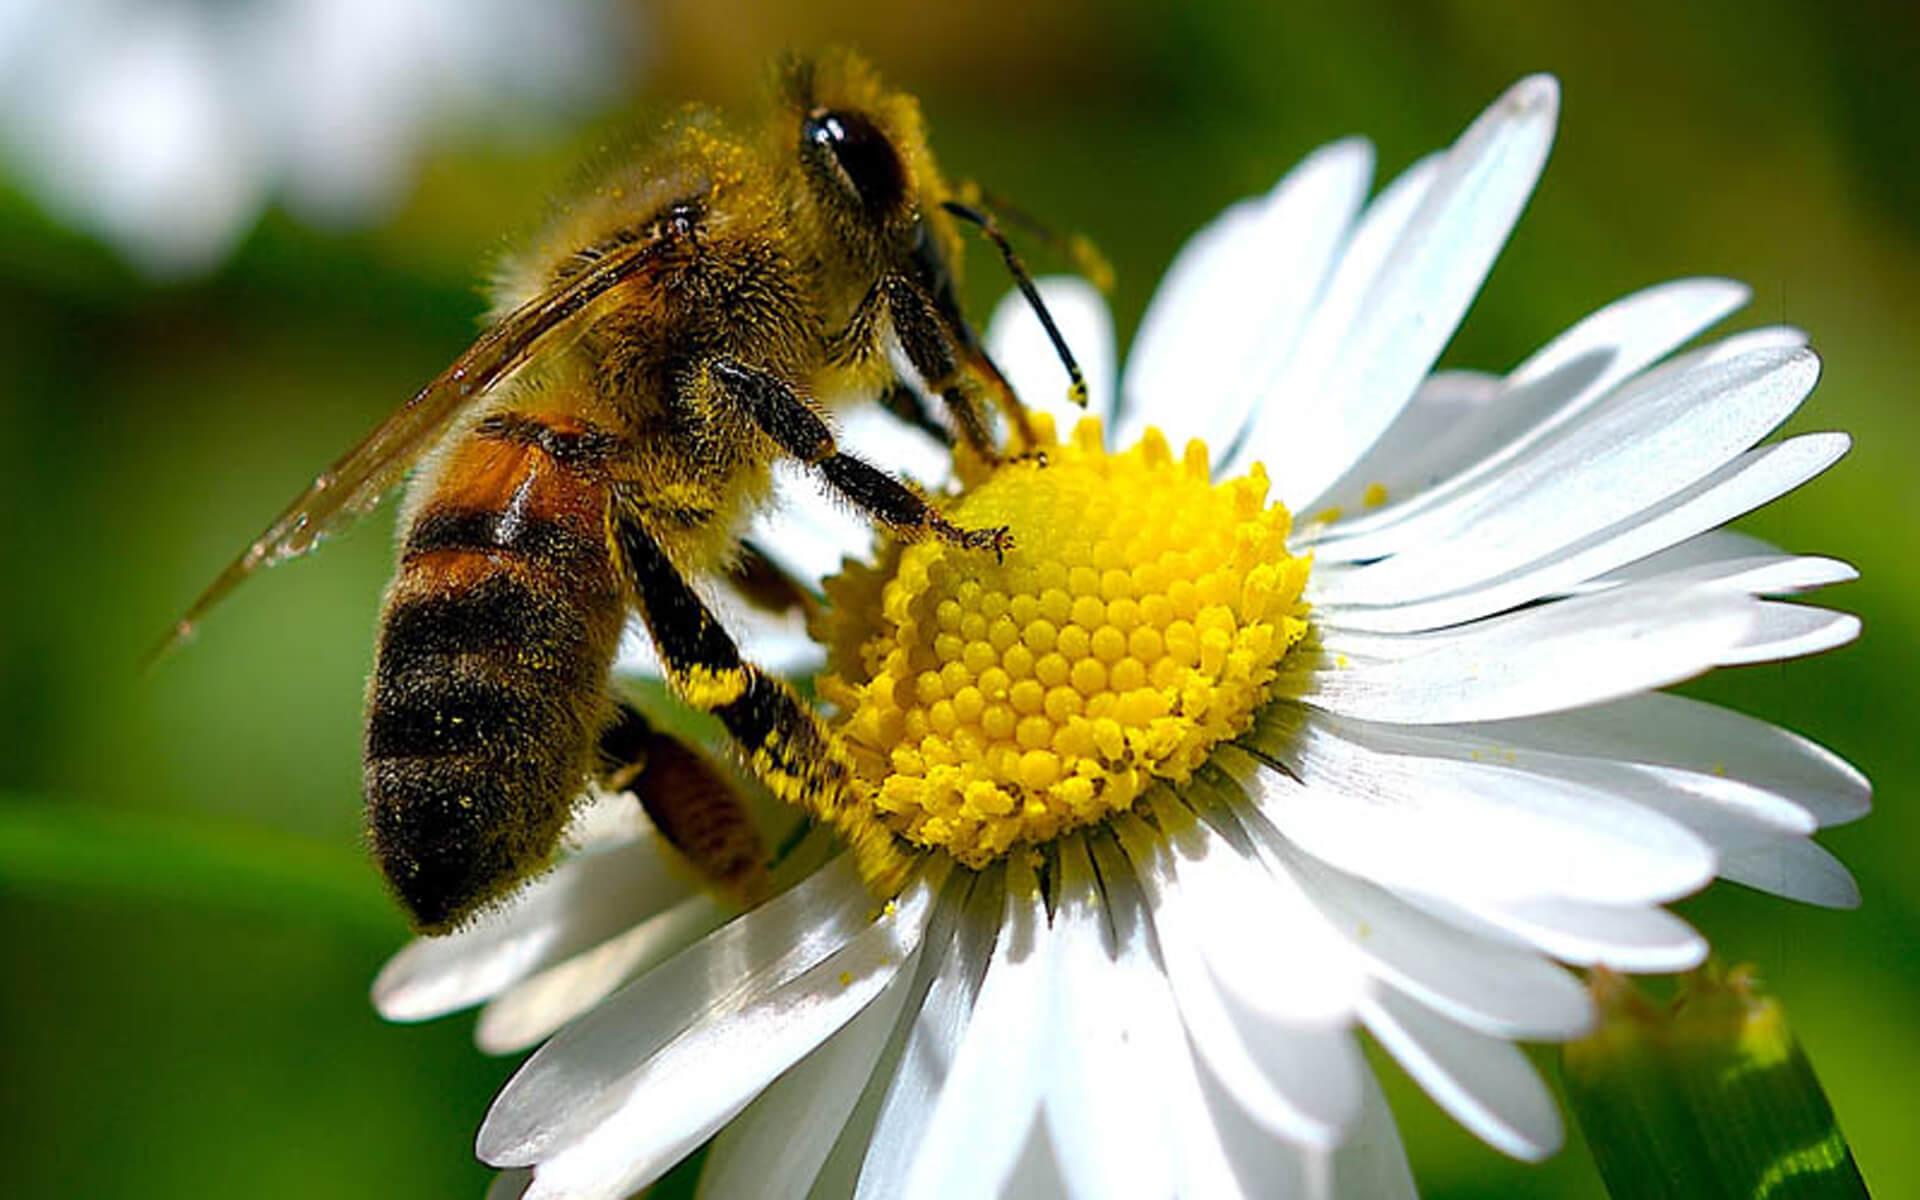 تنوع رنگ گرده گل بسته به رنگ گل و گیاهی که زنبور بر روی آن مینشیند متفاوت است.